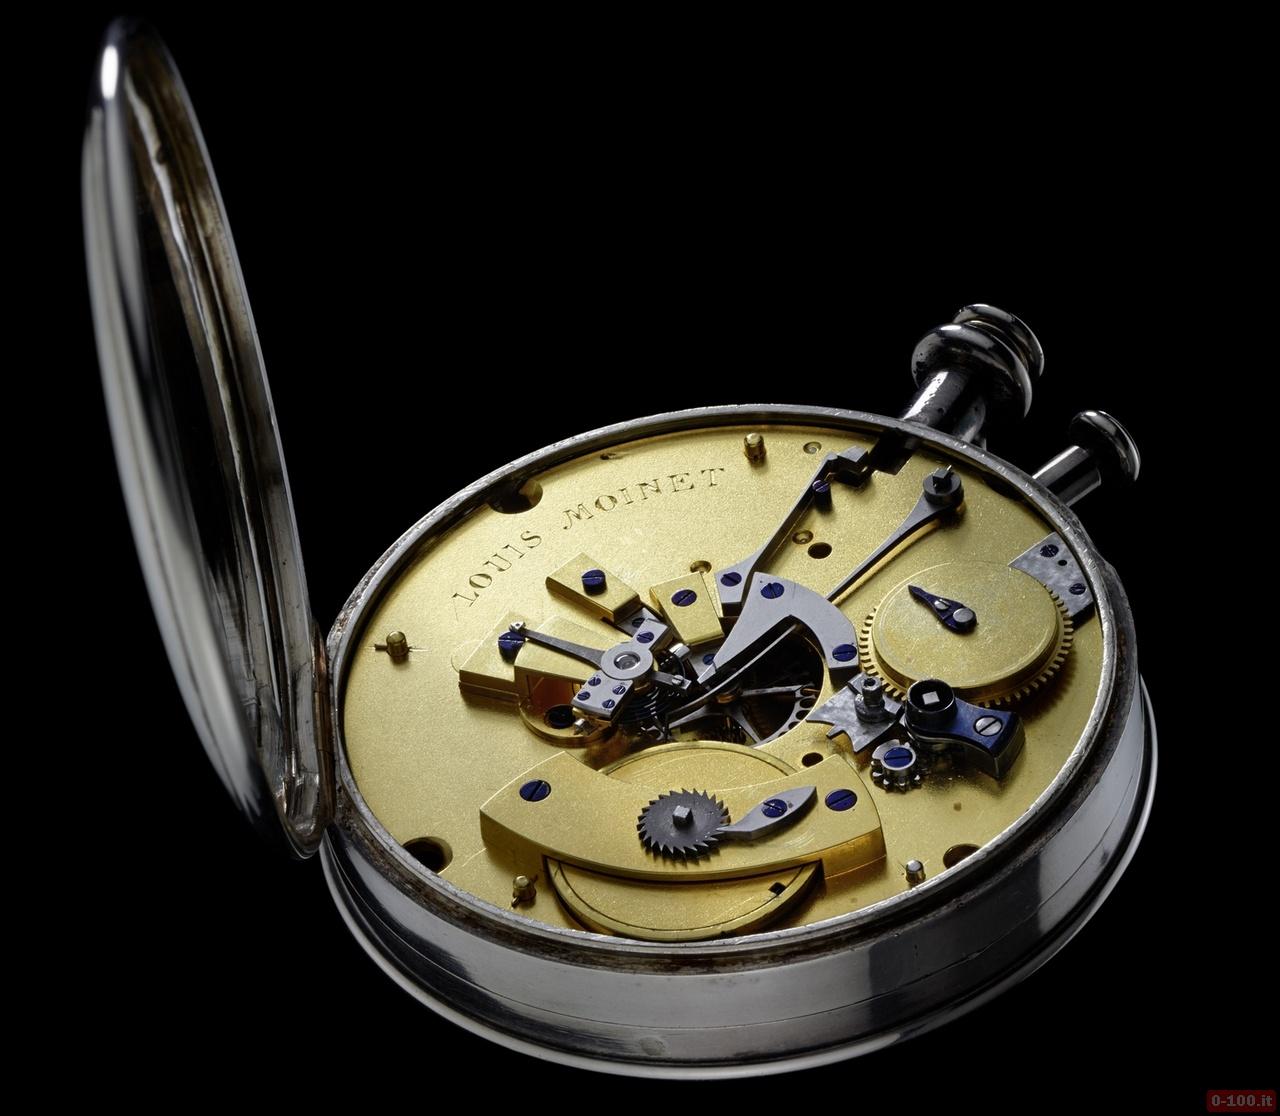 louis-moinet-compteur-de-tierces-chronograph-1816_0-100_15